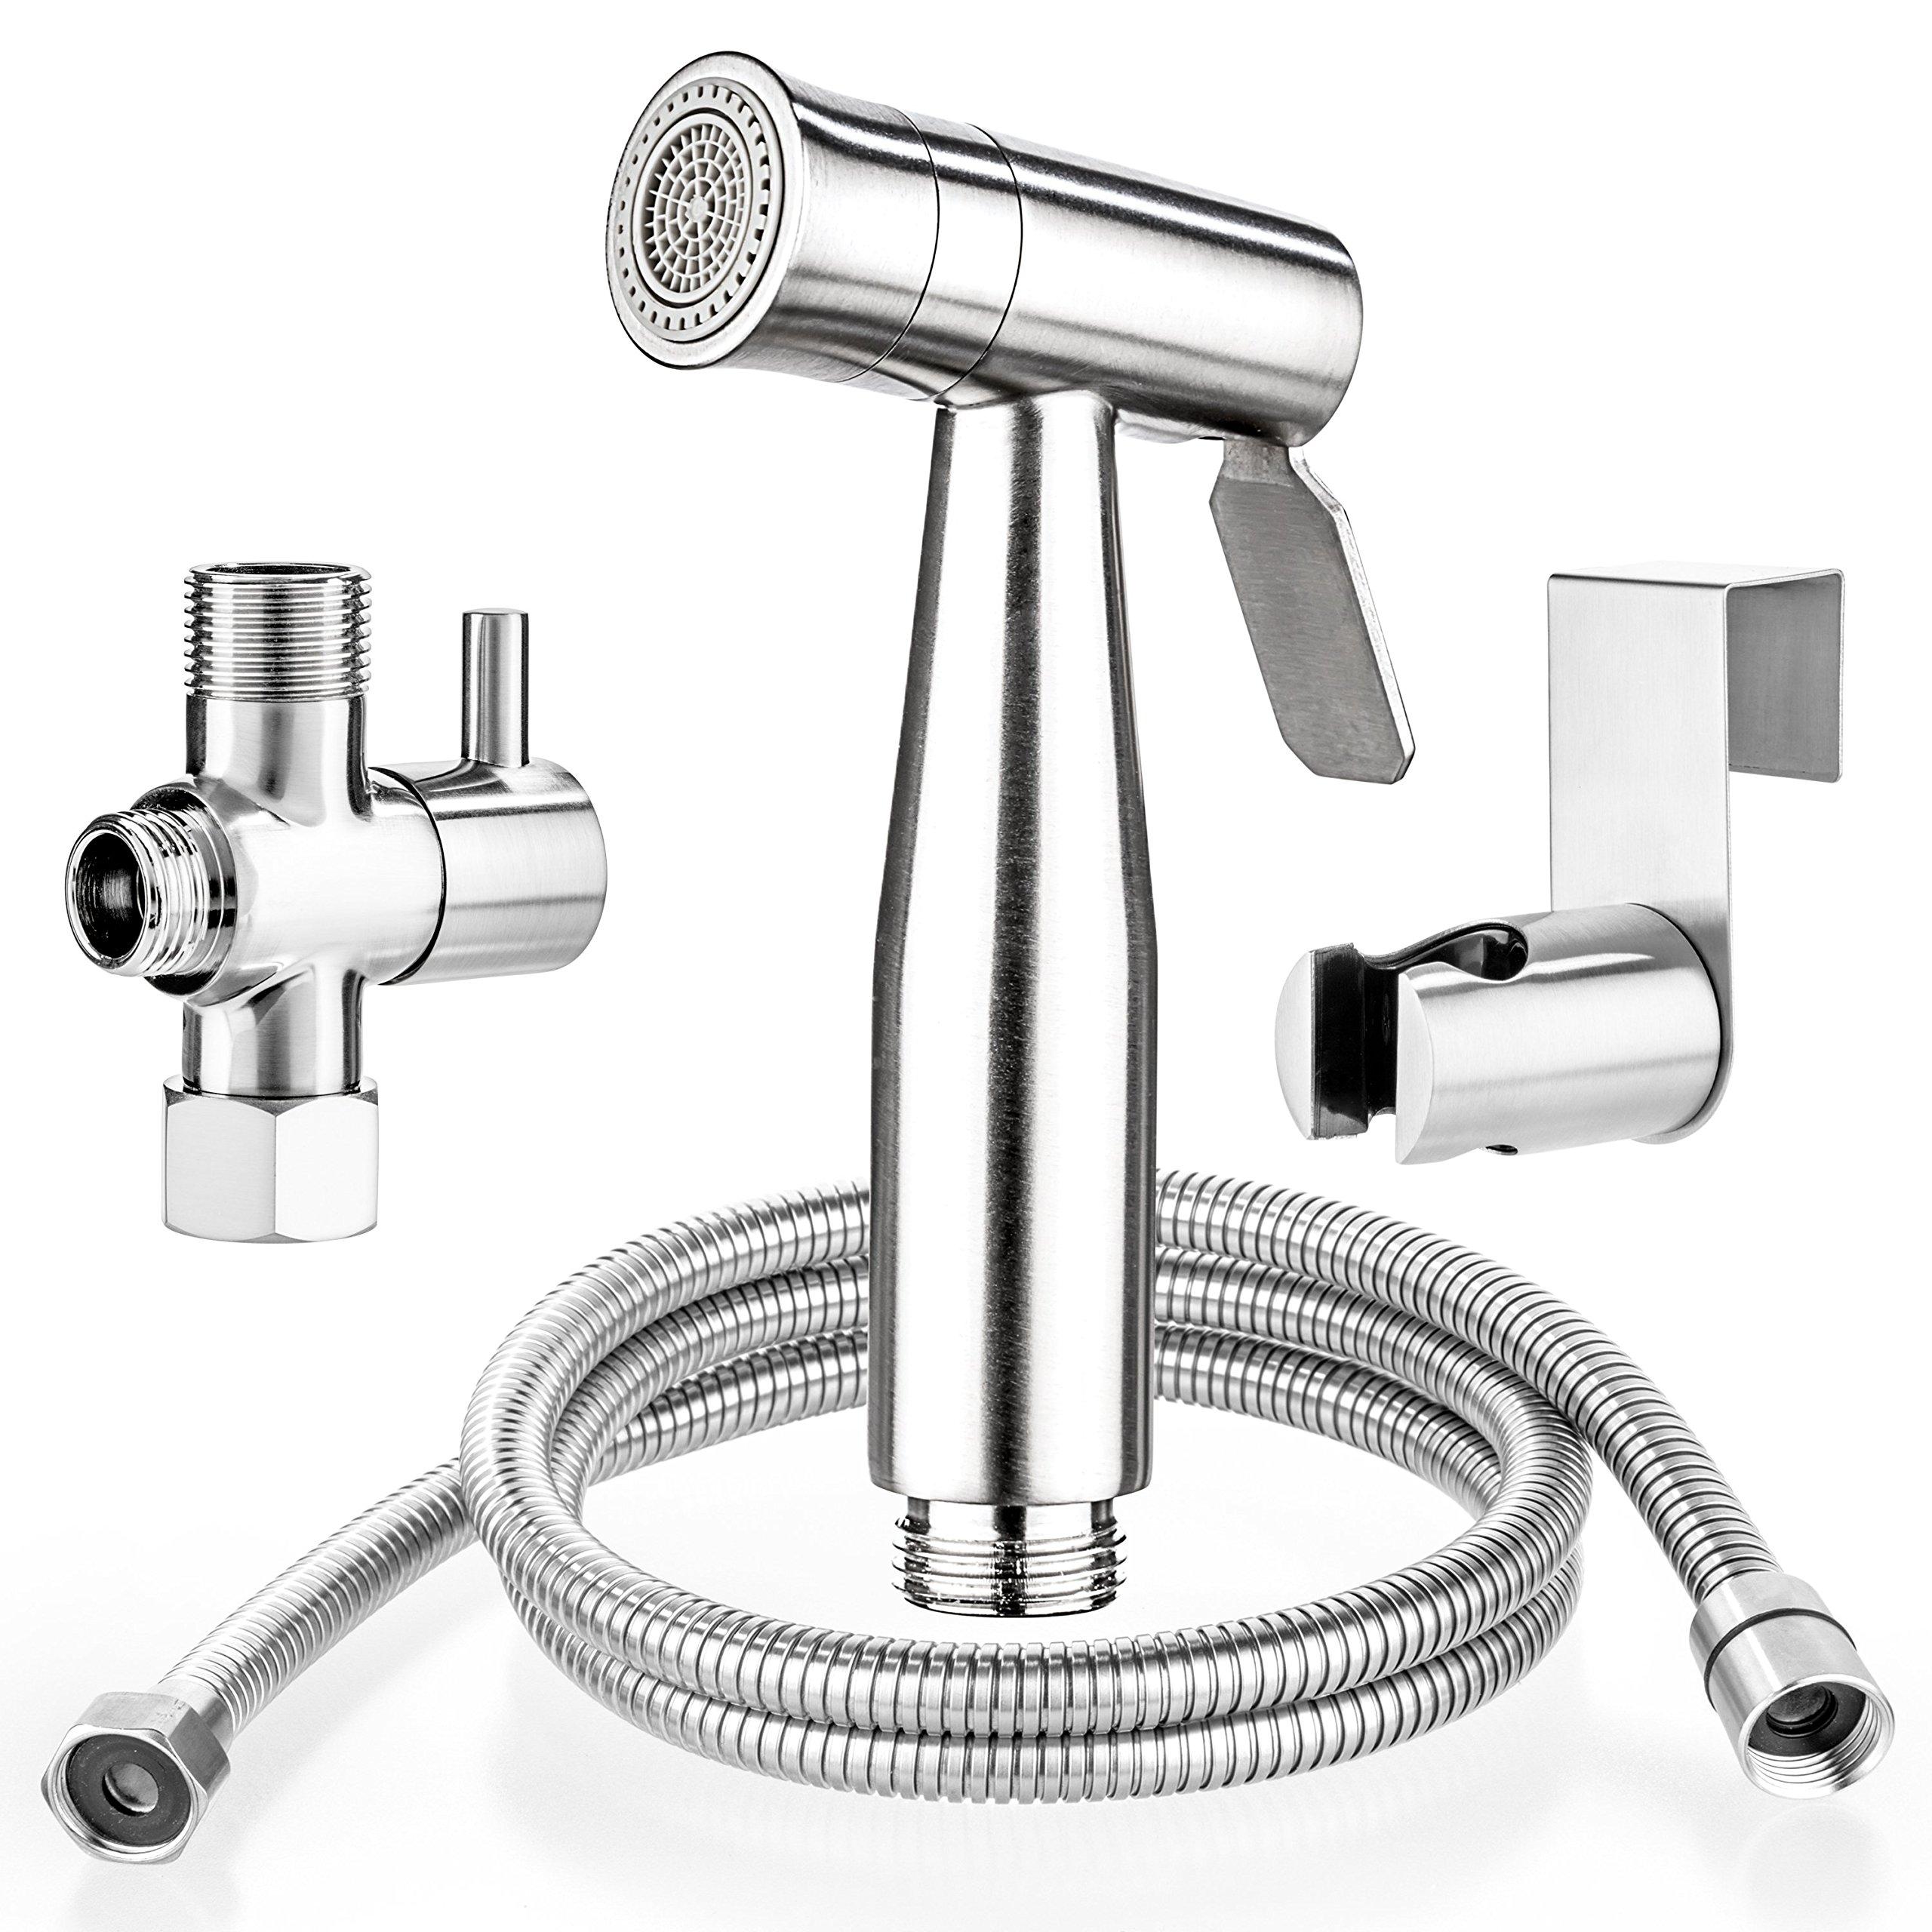 Bidet Sprayer - Diaper Sprayer - Handheld Bidet - Bidet Toilet - Stainless Steel Cloth Diaper Sprayer Cleaning - Bidet Toilet Washer - Hand Held Toilet Sprayer for Self Cleaning